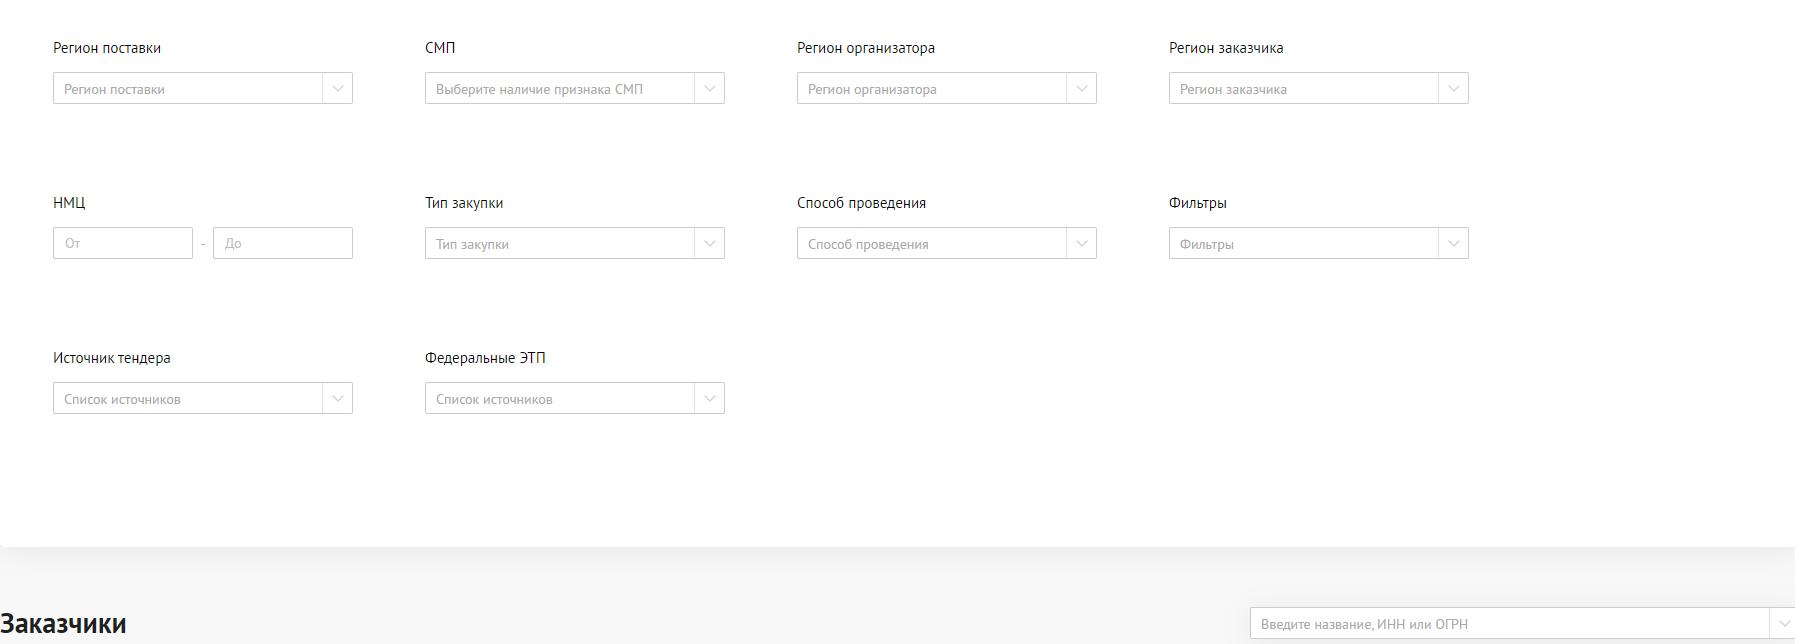 Новое в настройках распределения тендеров: автоматизация ввода списка заказчиков